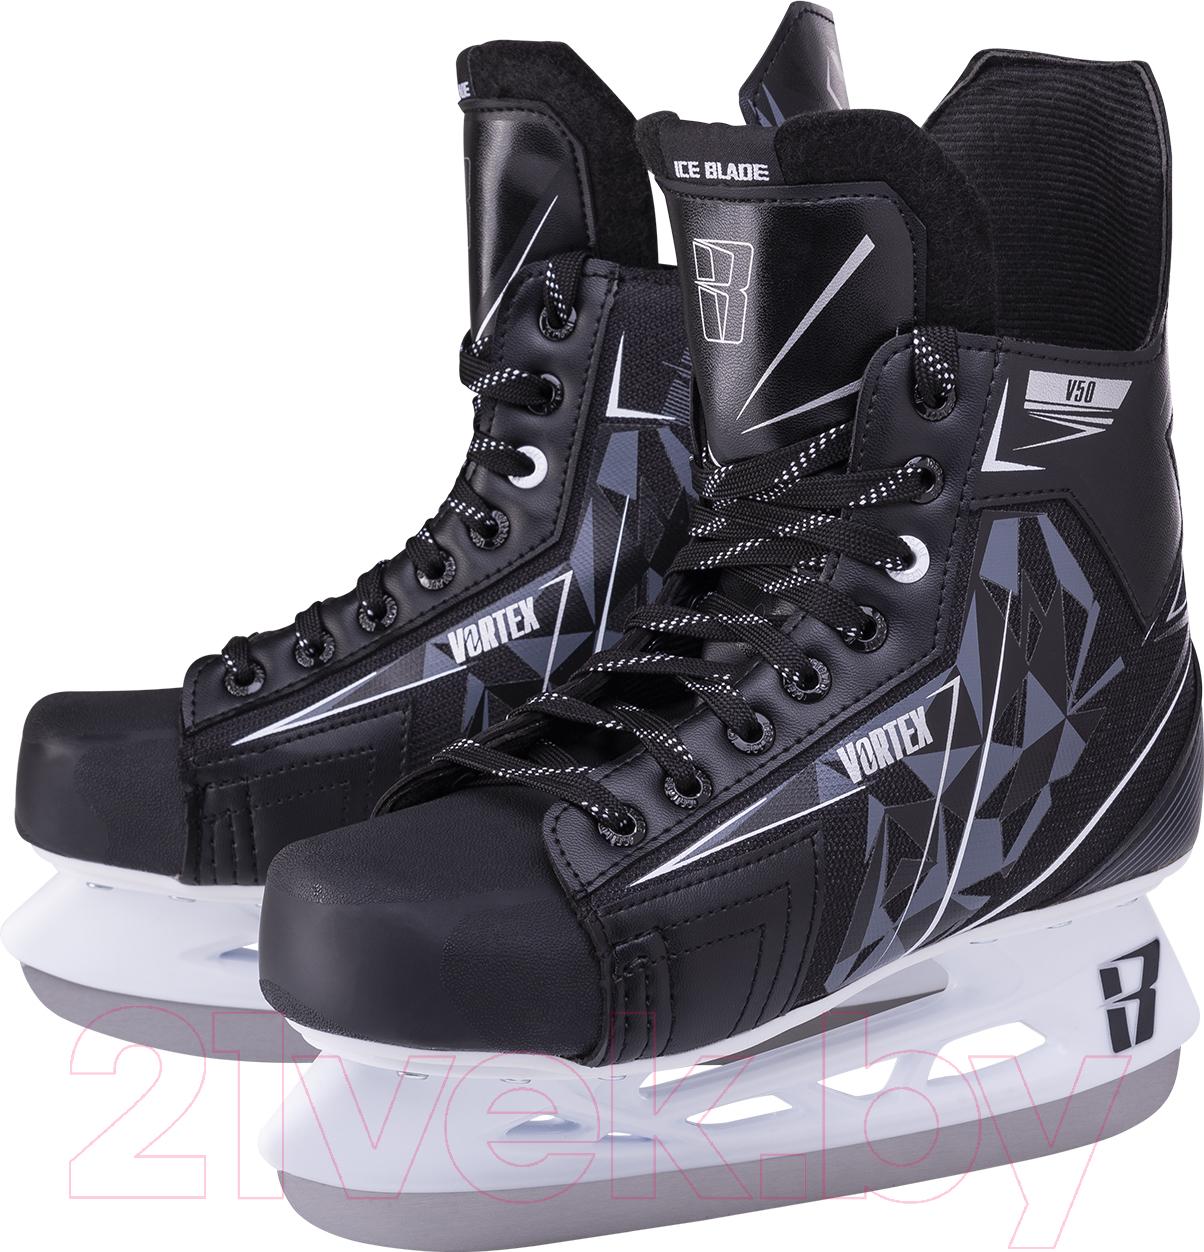 Купить Коньки хоккейные Ice Blade, Vortex V50 (р-р 37), Россия, черный, пластик